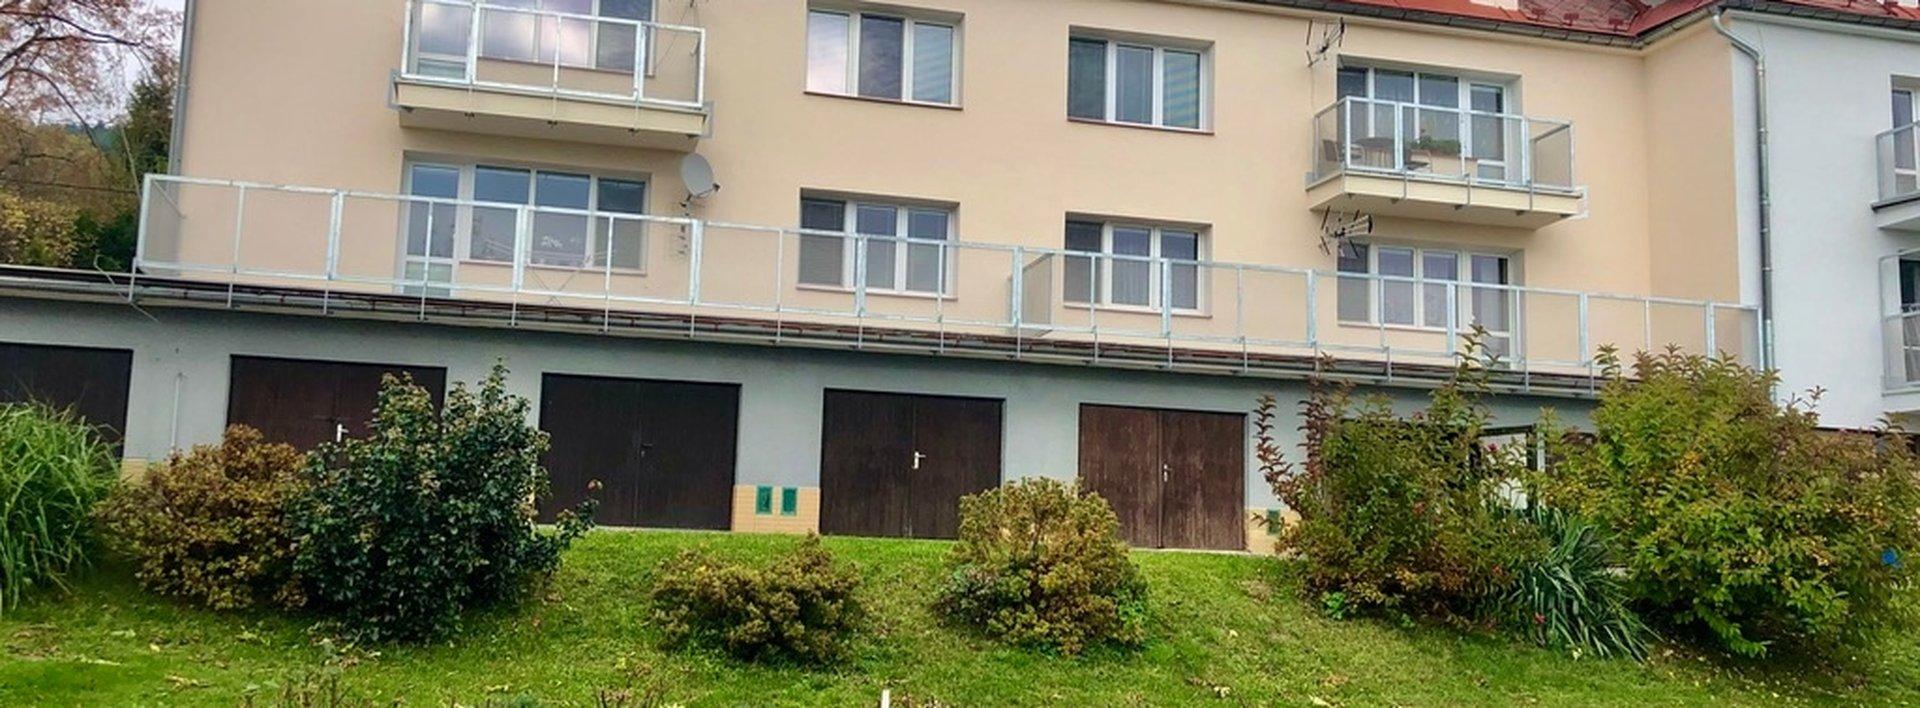 Prodej bytu 4+1, 113 m² s vlastní zahradou - Světlá pod Ještědem - Rozstání, Ev.č.: N48914